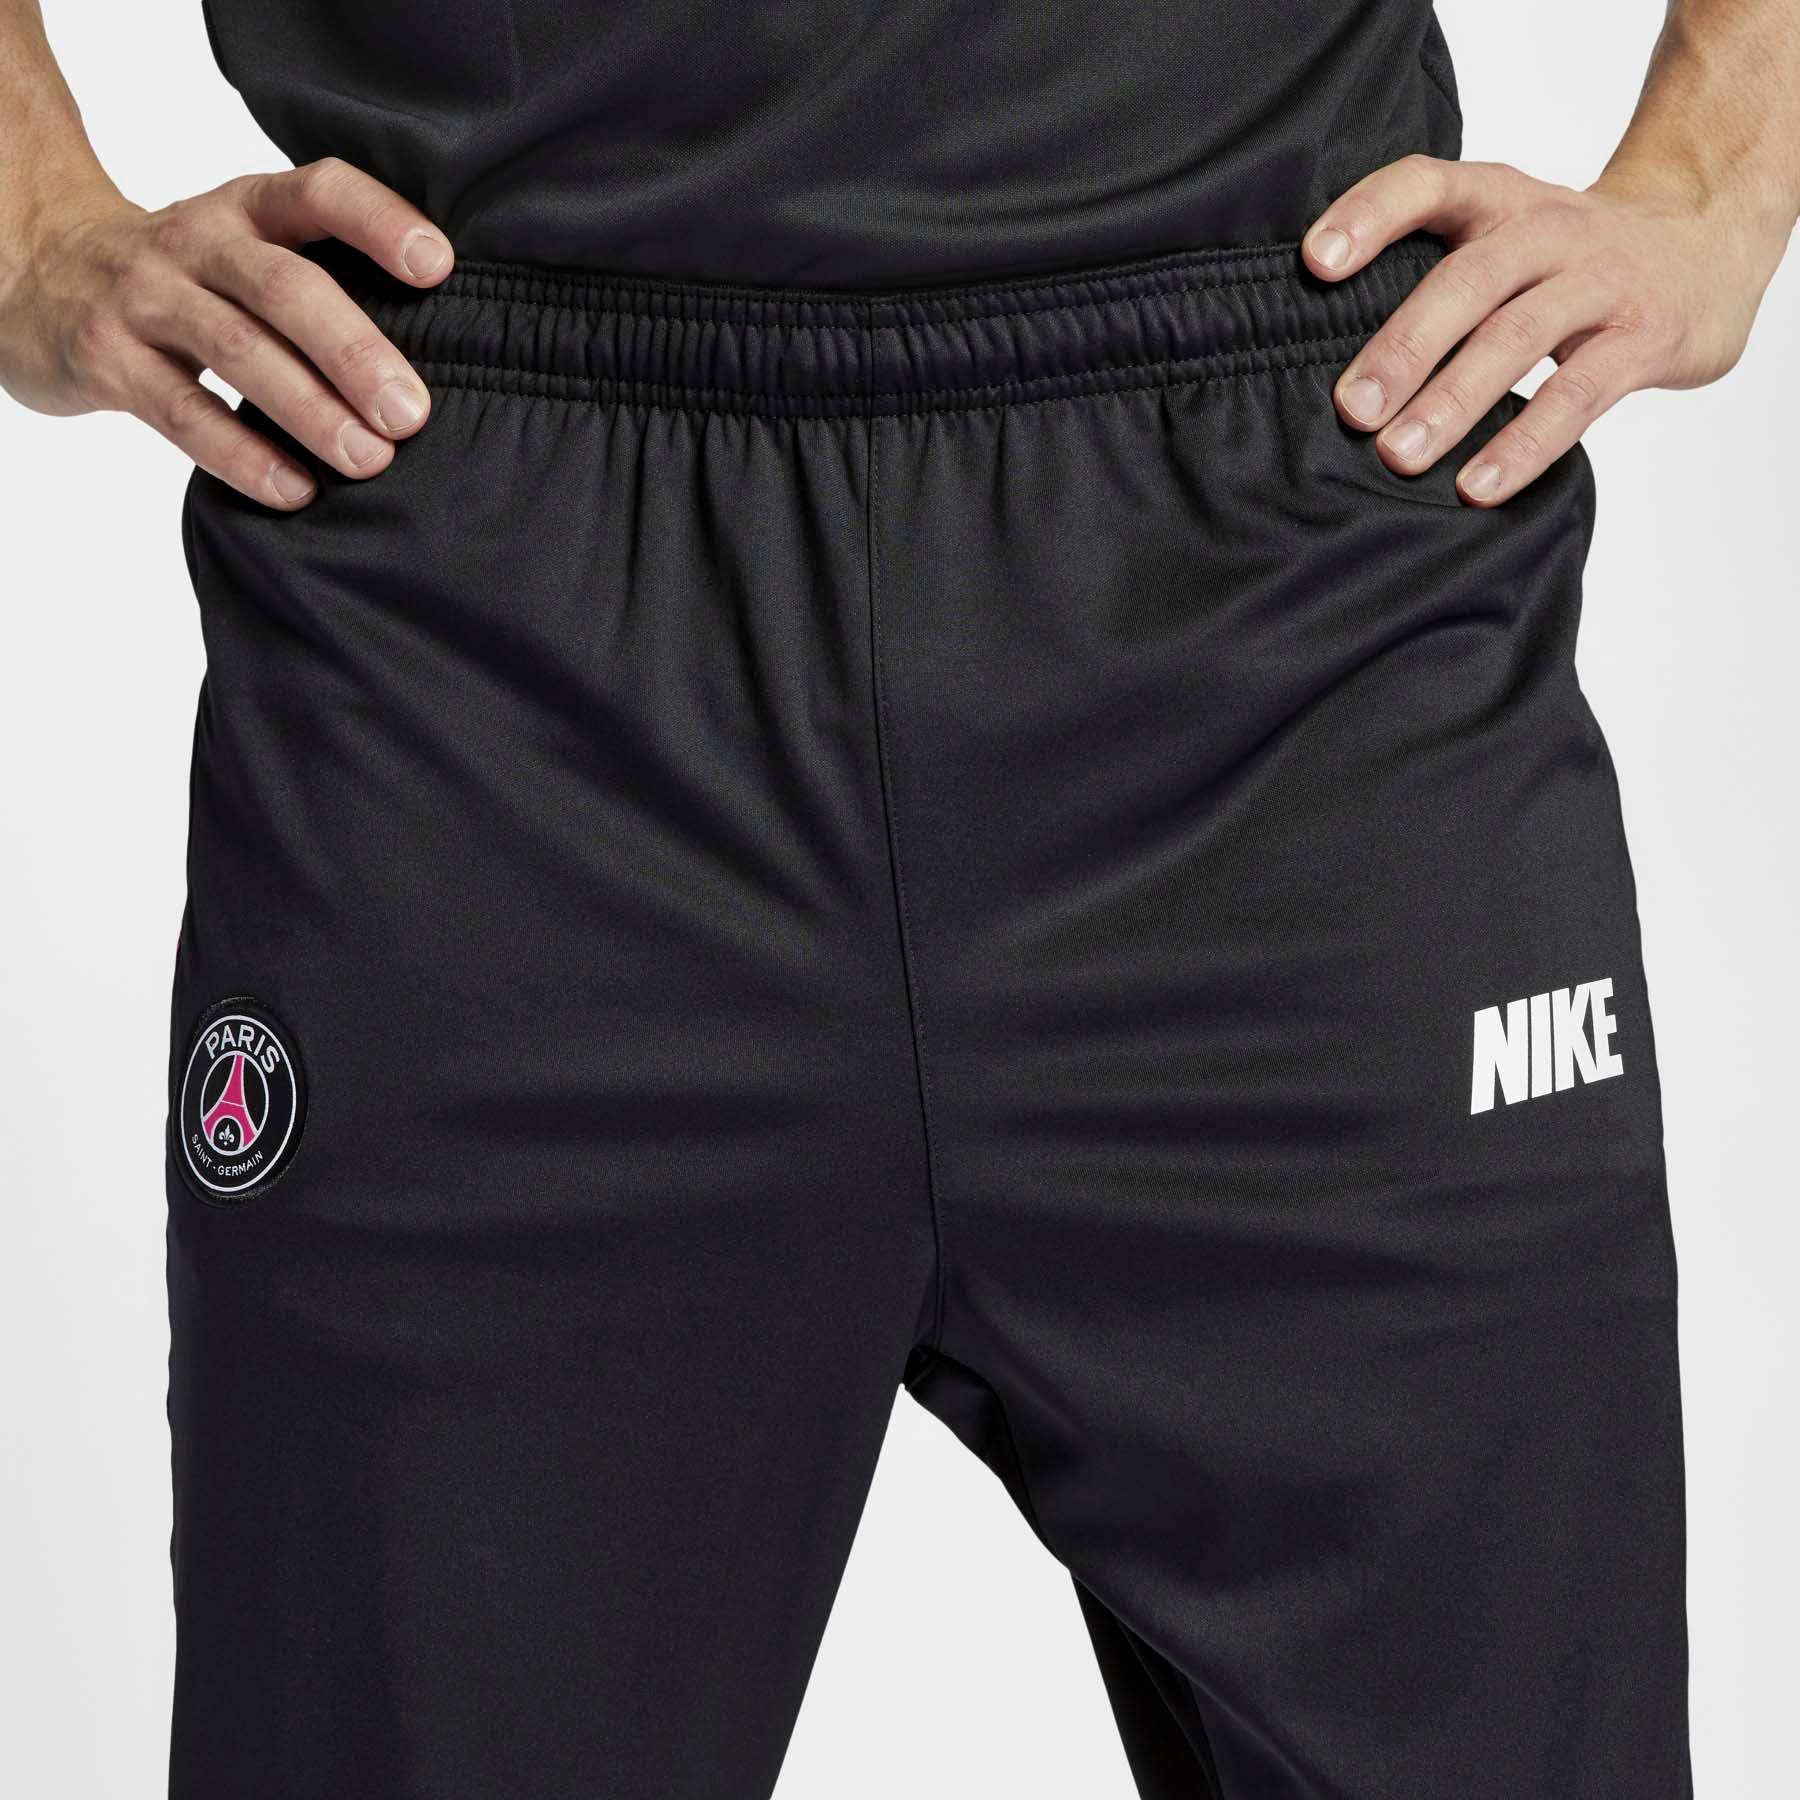 nike paris saint germain trainingsanzug herren hyper pink black black black im online shop von sportscheck kaufen